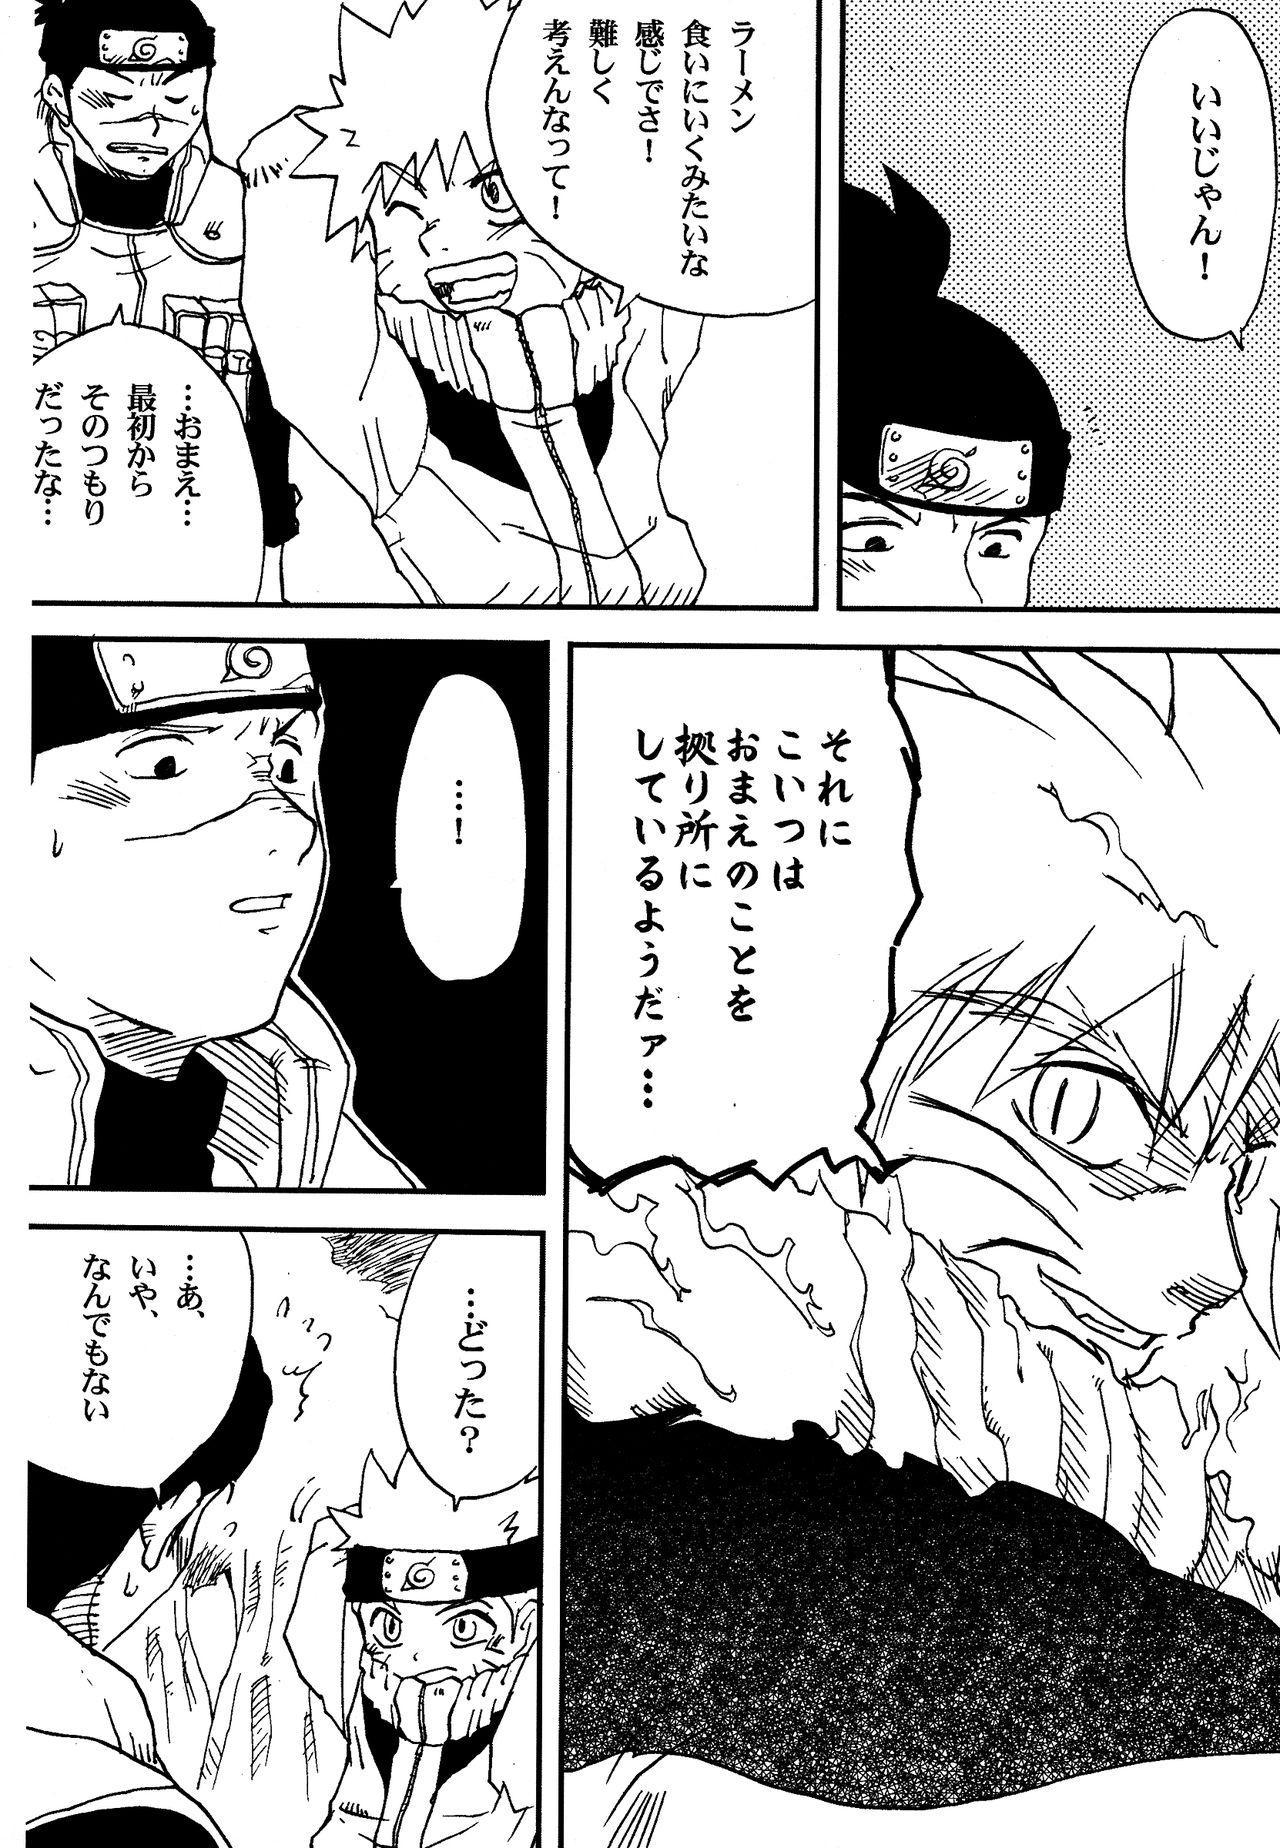 IruNaru no Wadachi 43